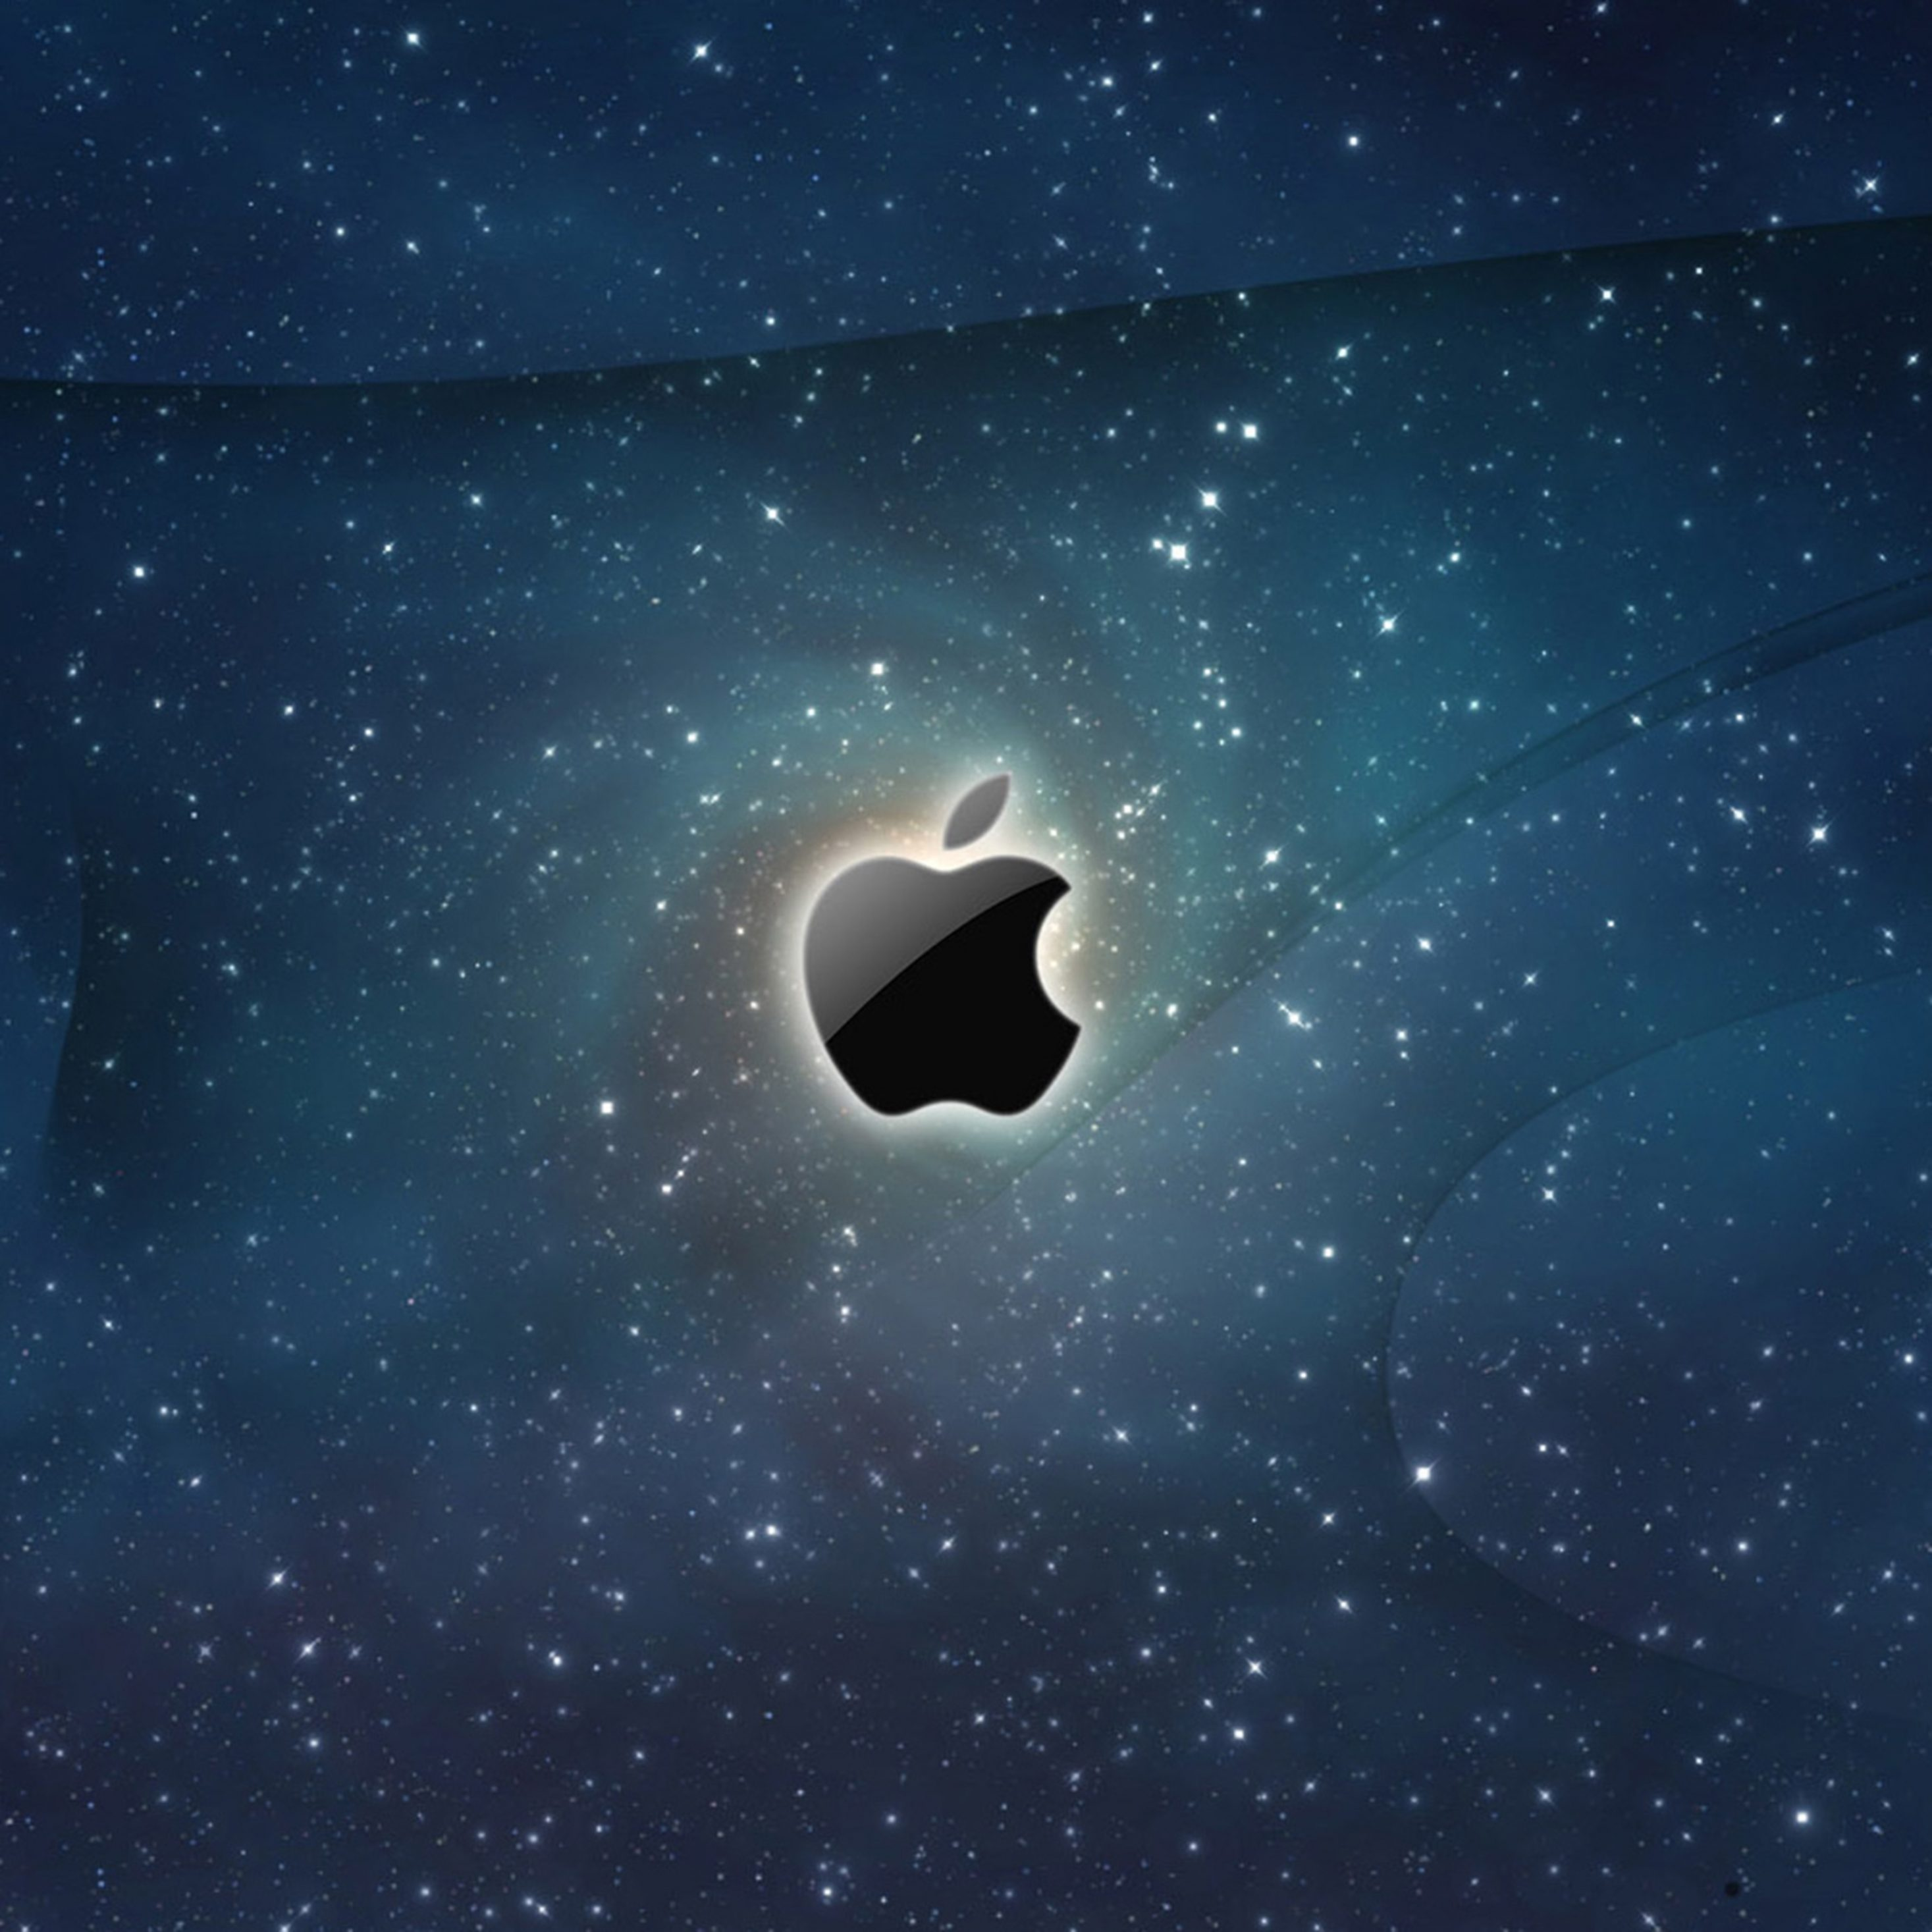 2934x2934 iOS iPad wallpaper 4k Apple Space Ipad Wallpaper 2934x2934 pixels resolution